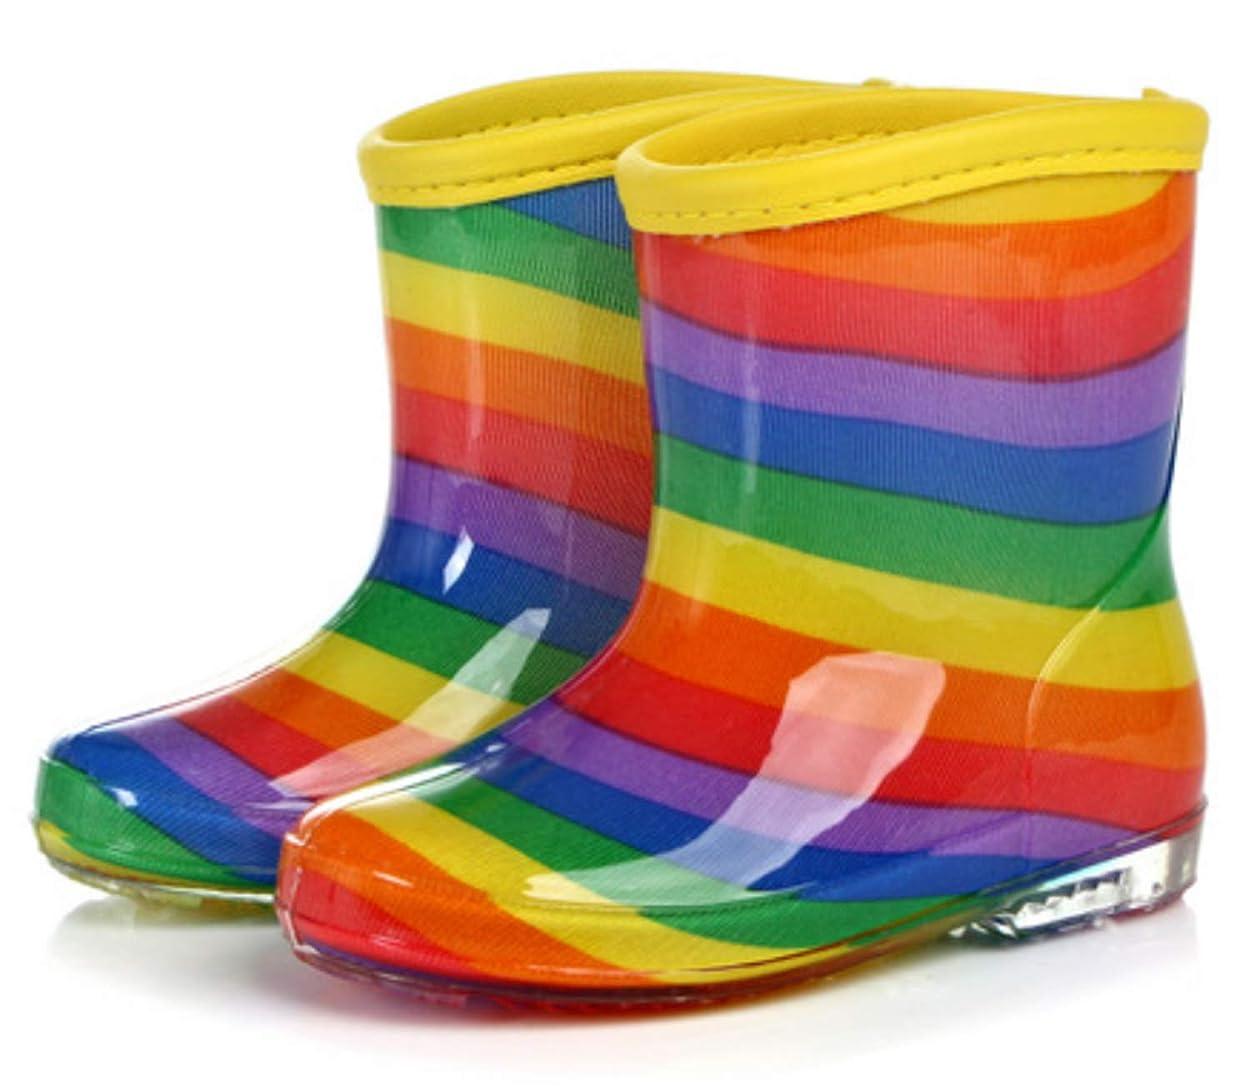 前件やがてタブレット[Yogly] (ヤンググロリ) キッズレインシューズ Rainbow 長靴 レインブーツ レインシューズ かわいい パターン キッズ 女の子 男の子 ジュニア 長靴 雪 子供靴 15cm 16cm 17cm 18cm 19cm 20cm 21cm